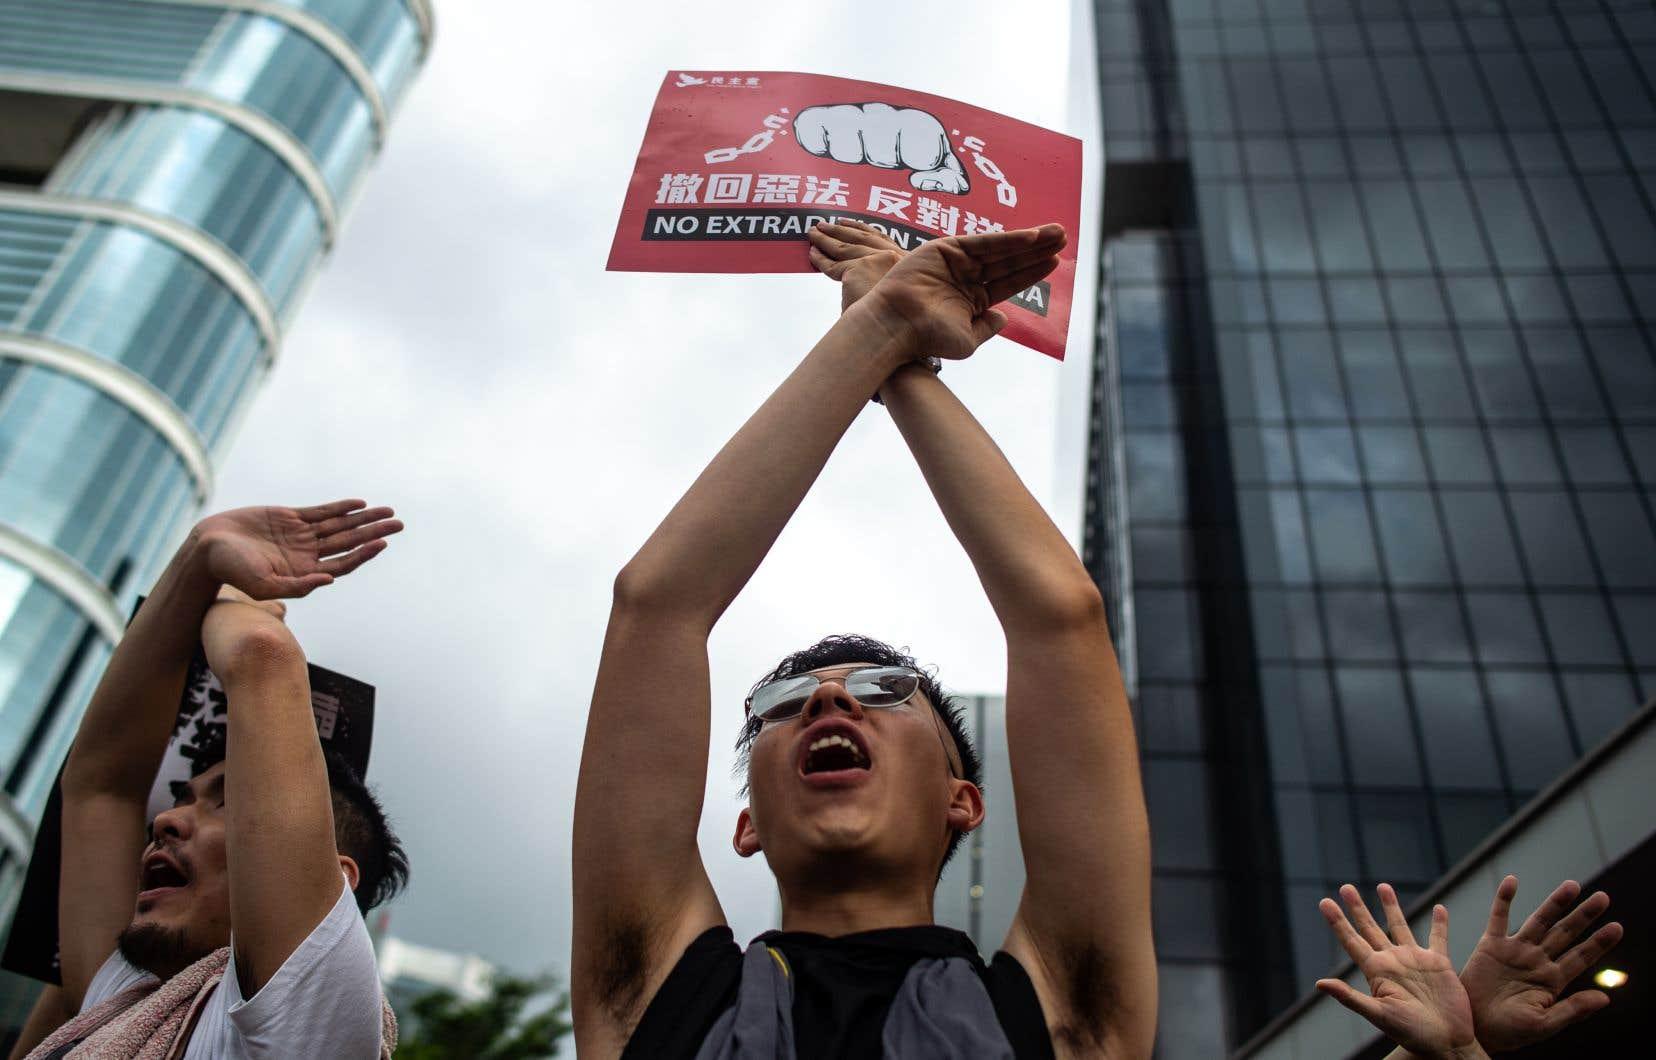 Le cortège impressionnant de manifestants arborait des pancartes rouges sur lesquelles on pouvait lire «Non à l'extradition».